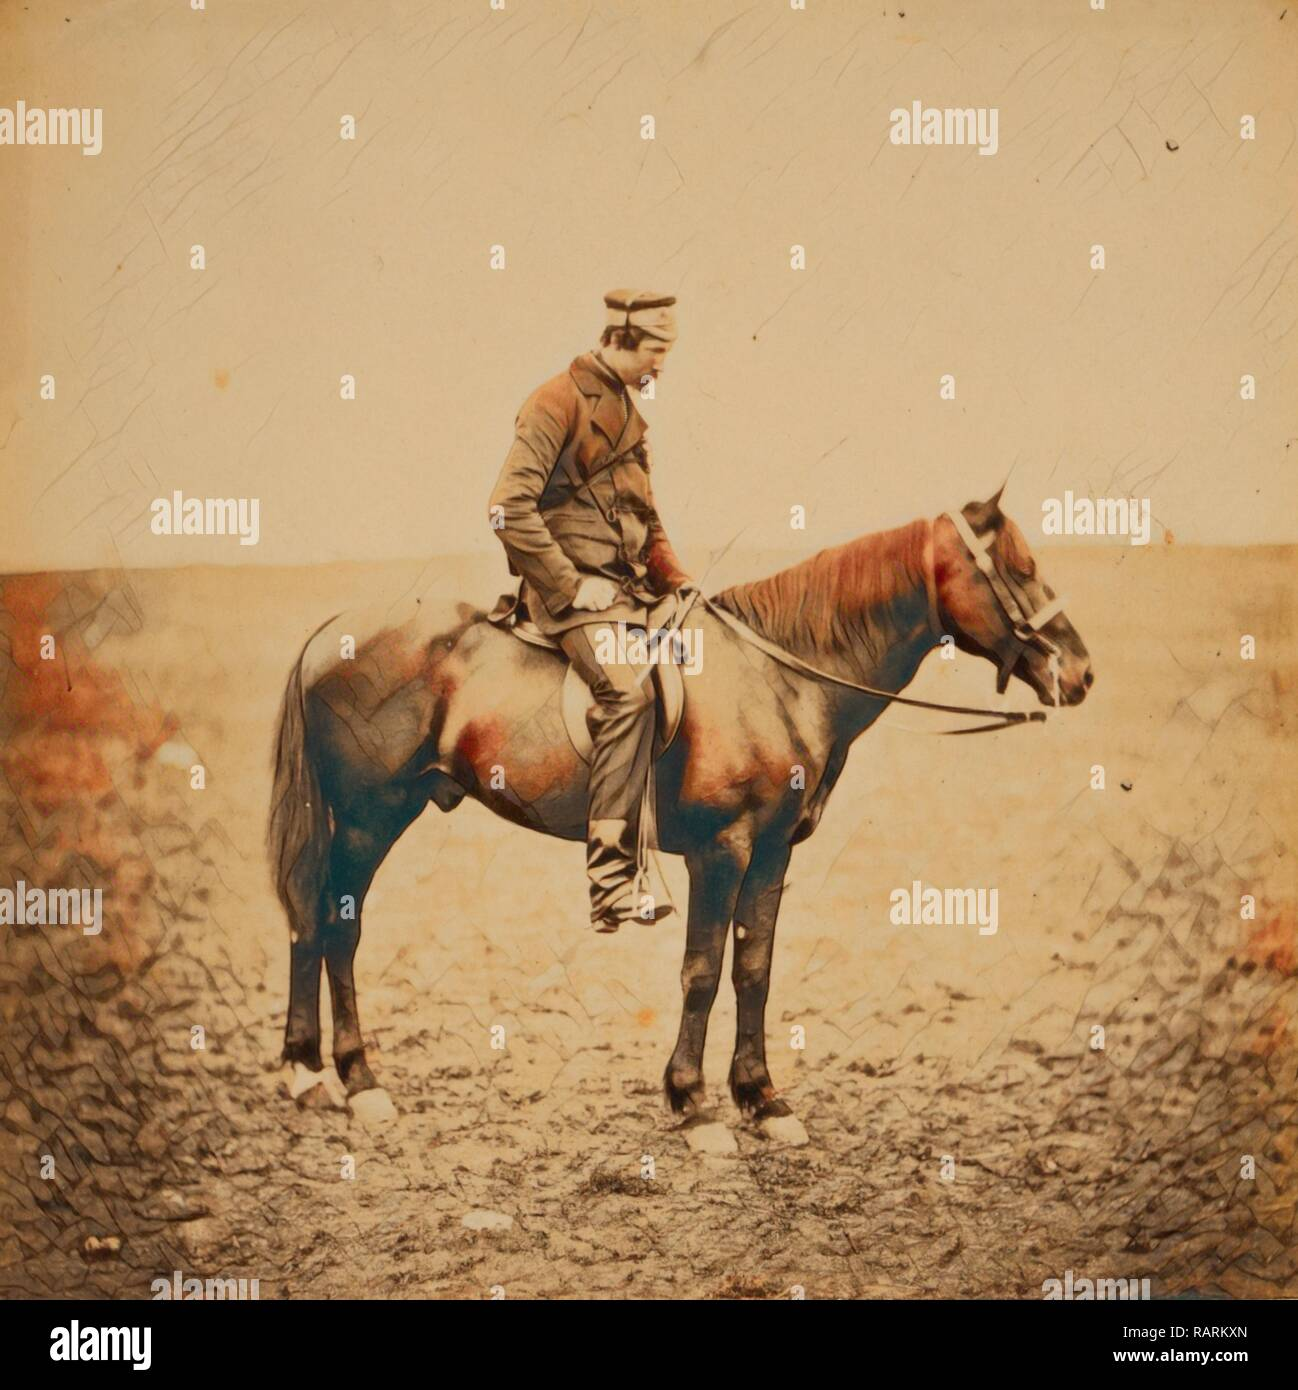 Gli onorevoli grandi Cathcart, Dep. Come. Adj. Generale alla Divisione Luce, Guerra di Crimea, 1853-1856, Roger Fenton reinventato Immagini Stock